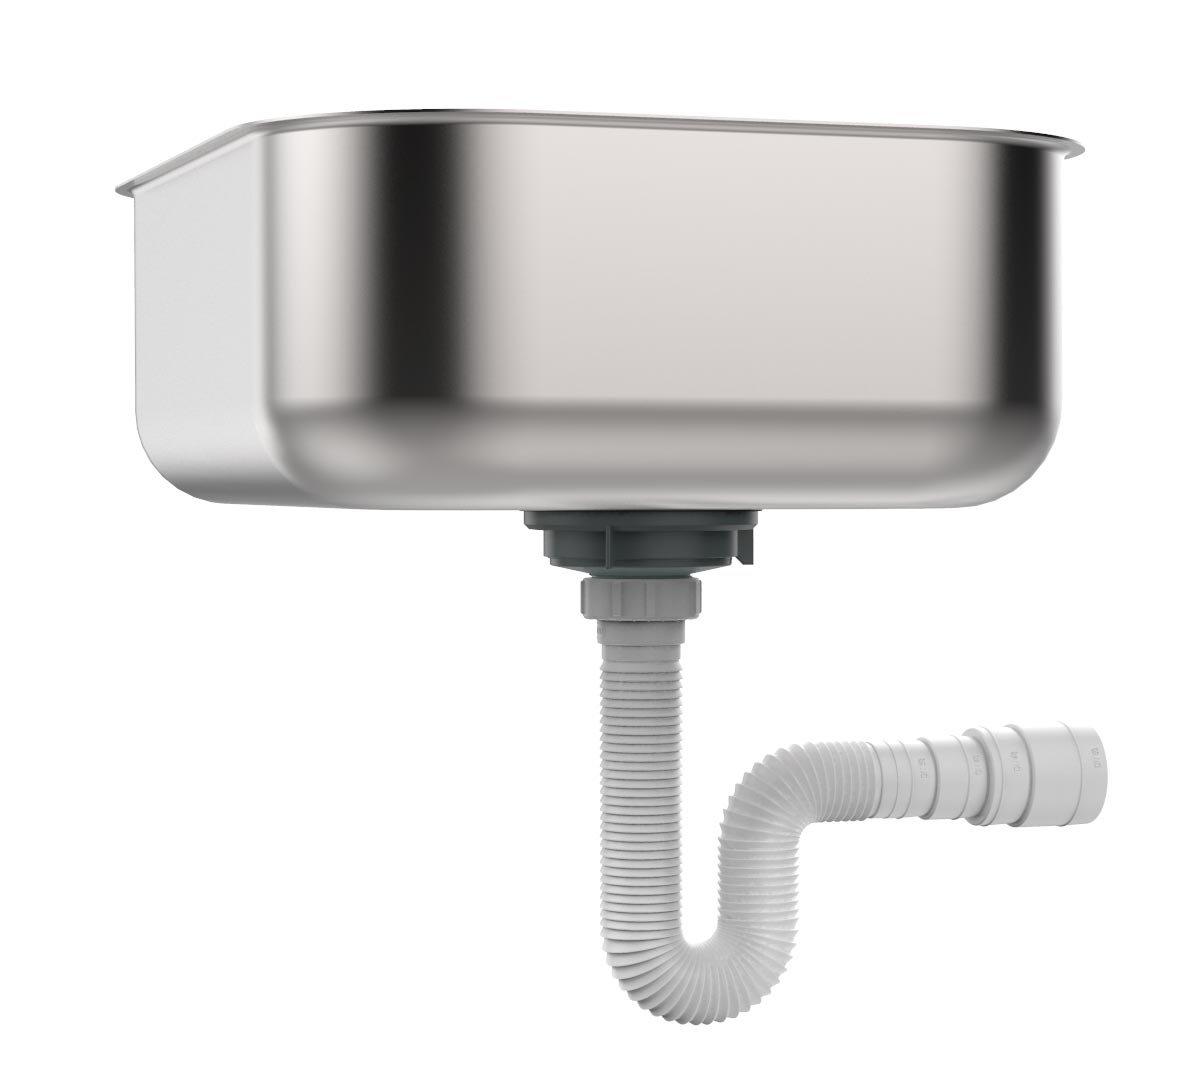 """EasyDrain 030703-4100 UNIVERSAL PTRAP - Expandable & Flexible 1-1/2"""" drain"""